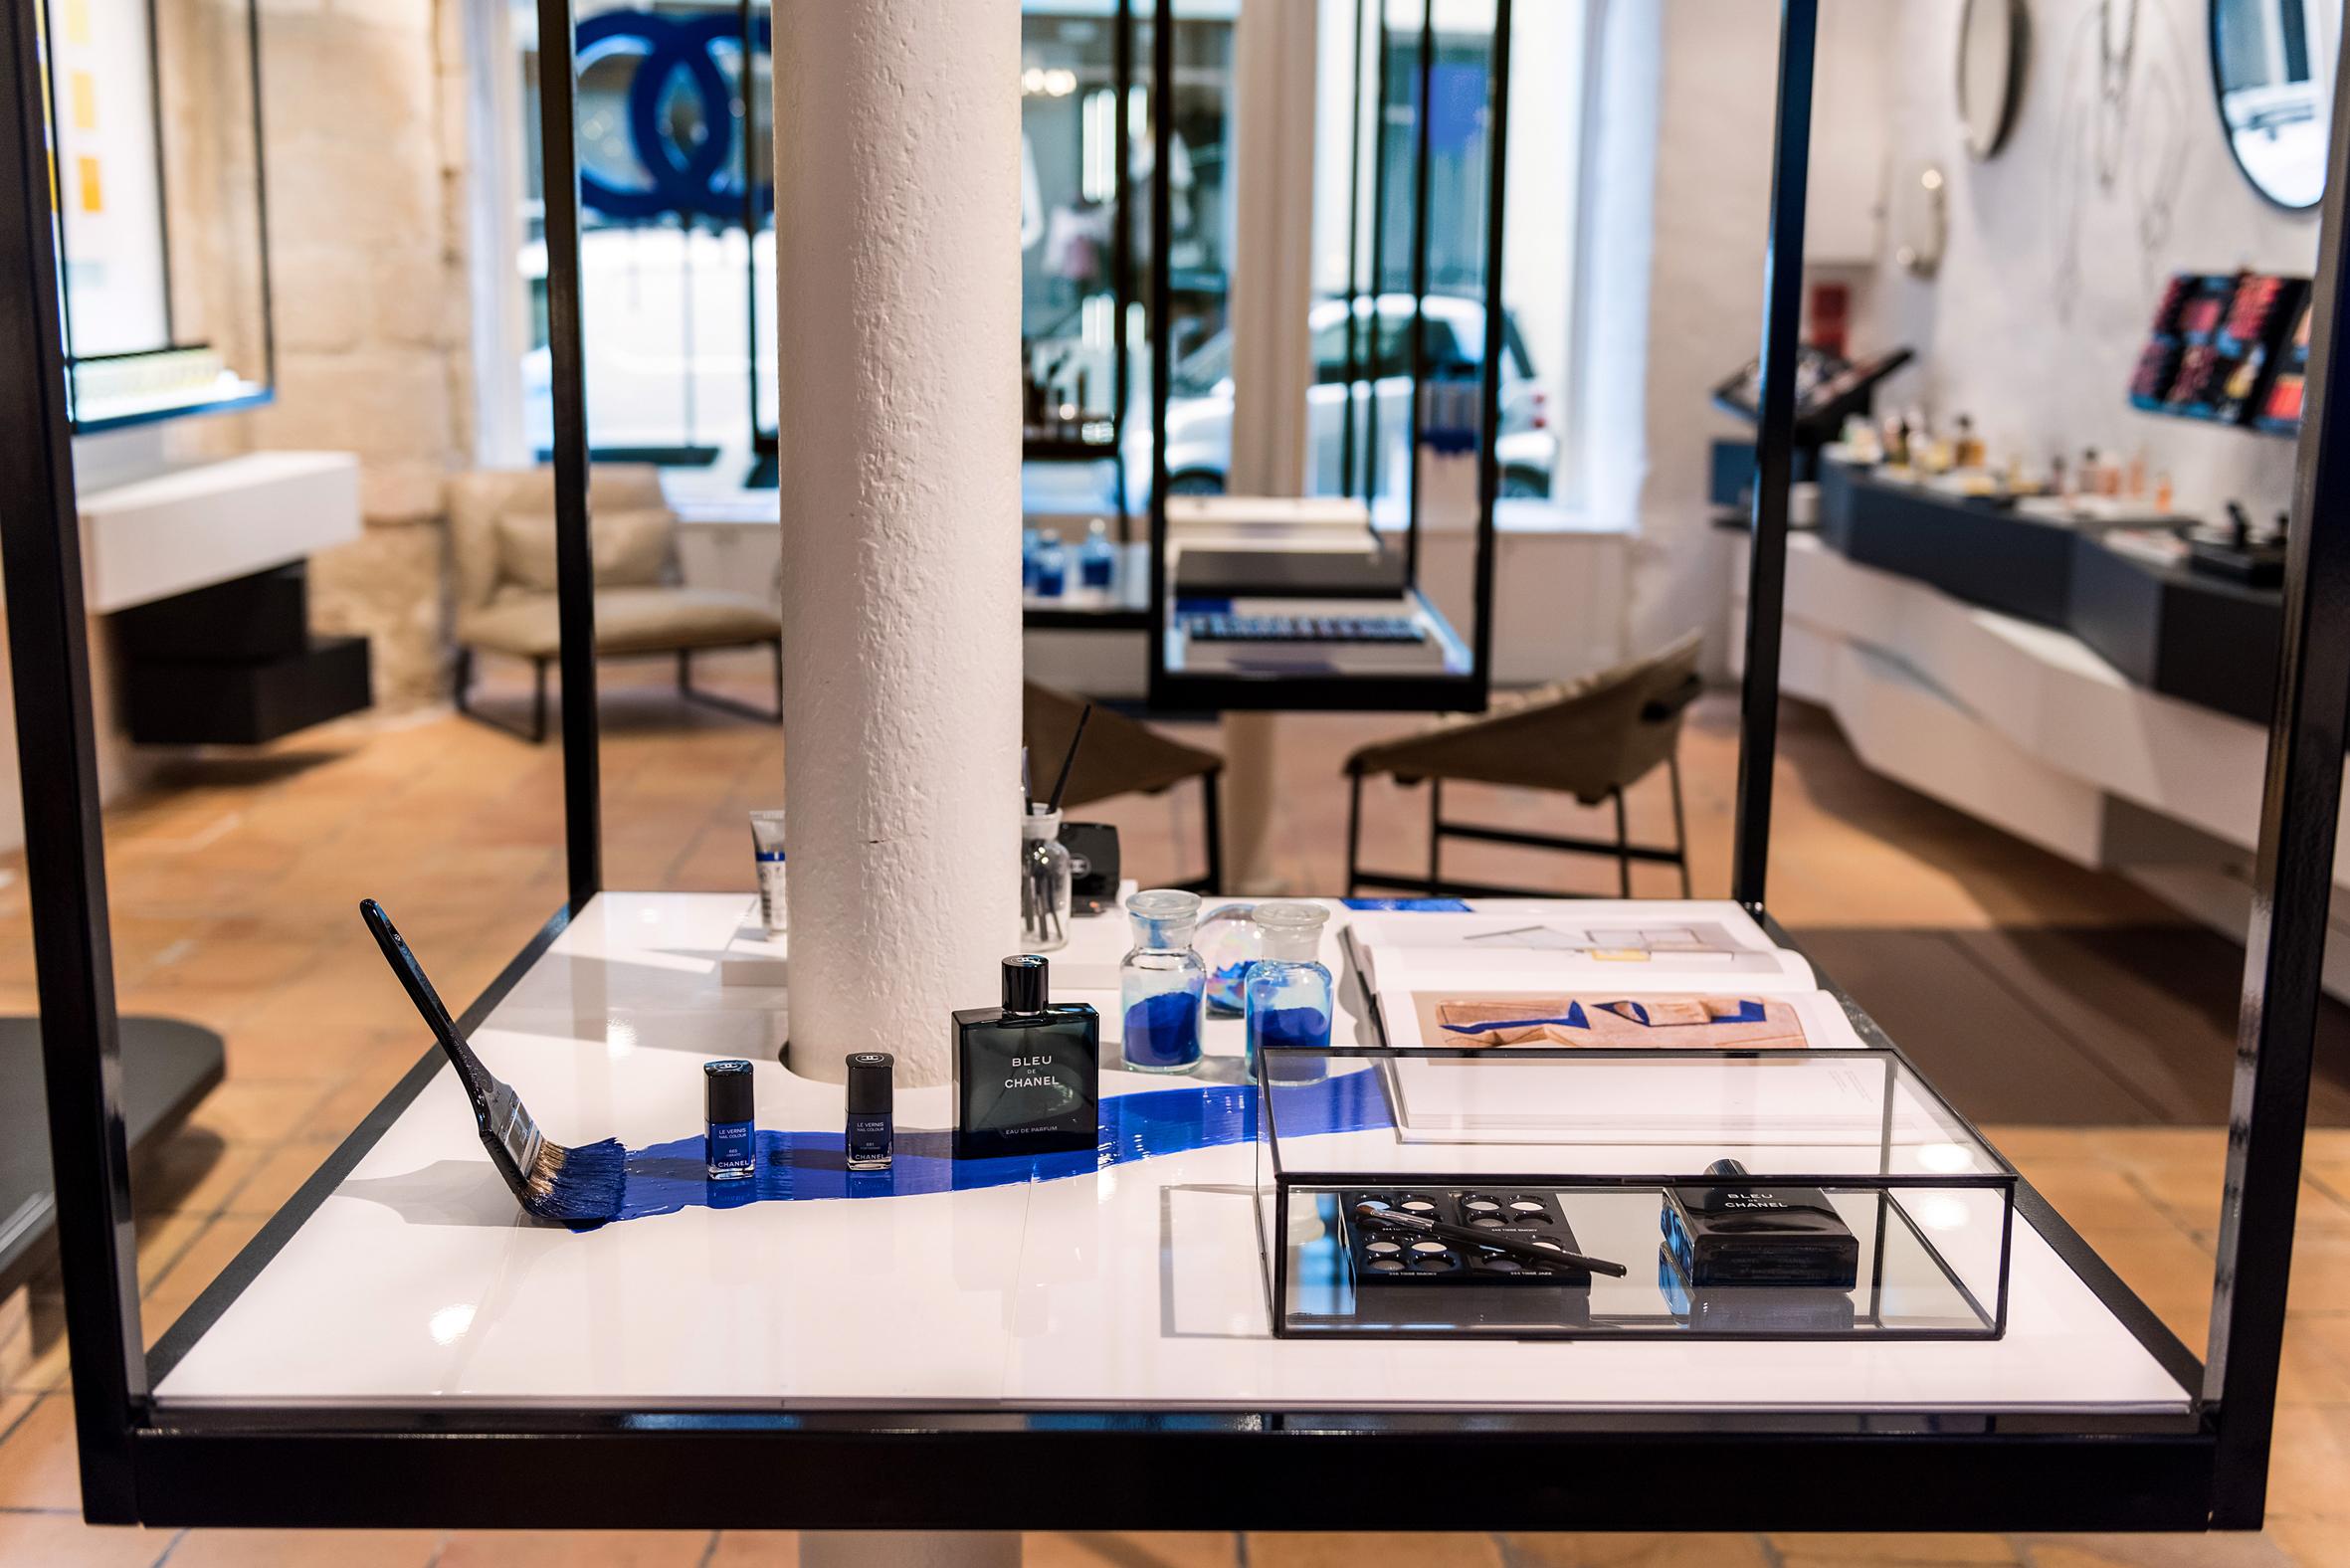 chanel ouvre sa premi re boutique beaut paris maryo 39 s bazaar. Black Bedroom Furniture Sets. Home Design Ideas